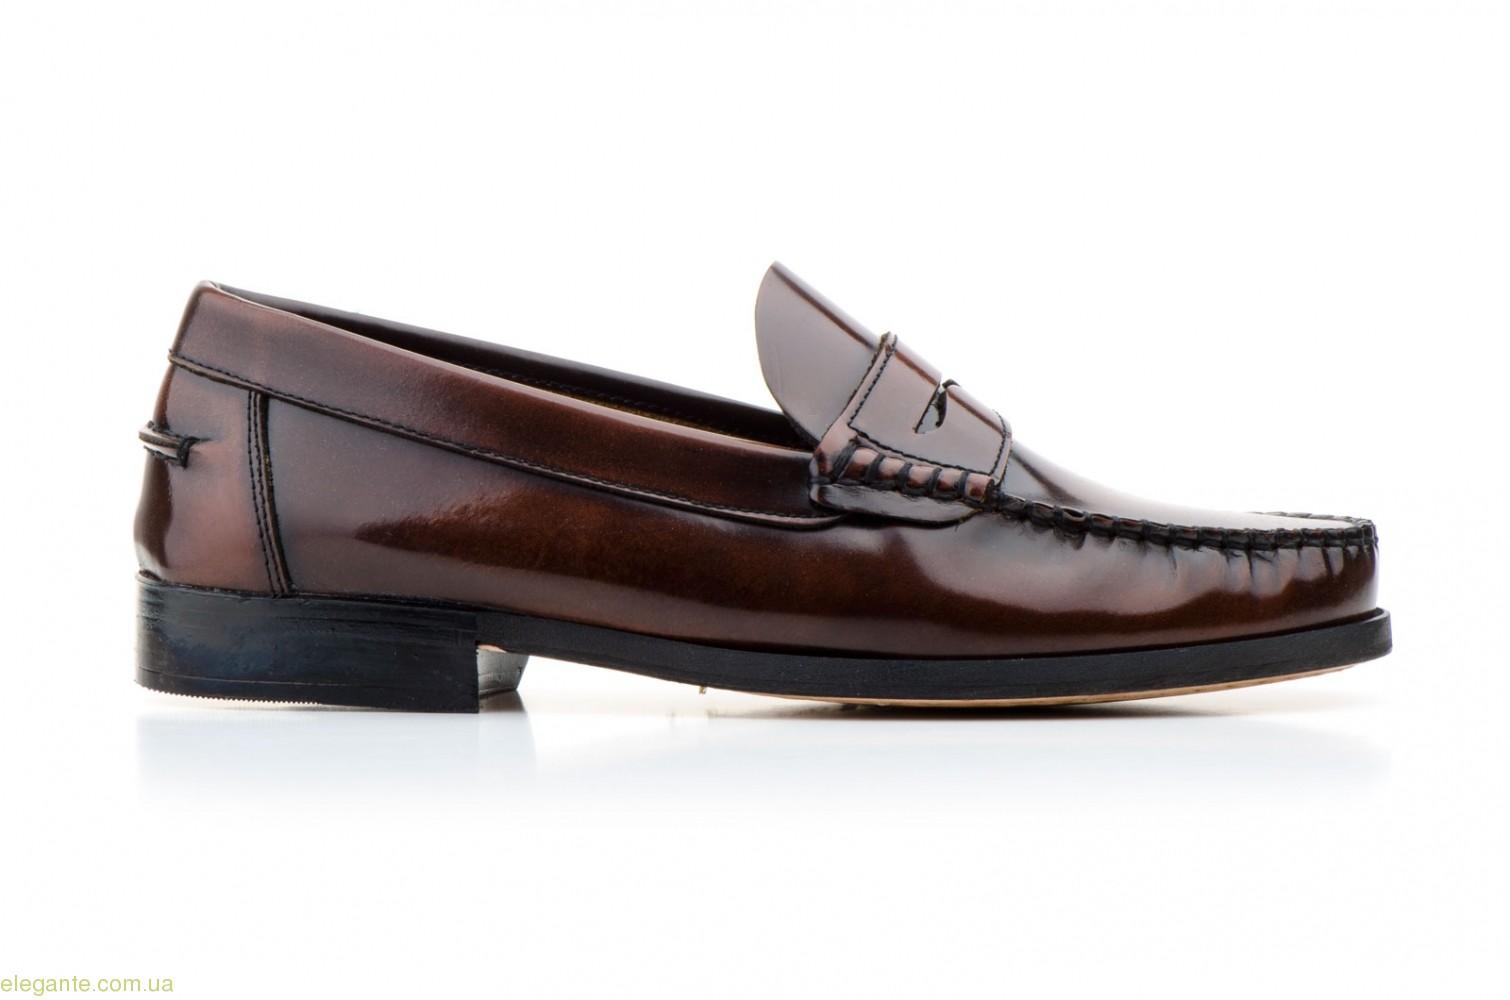 Мужские туфли DIGO DIGO2 коричневые 0